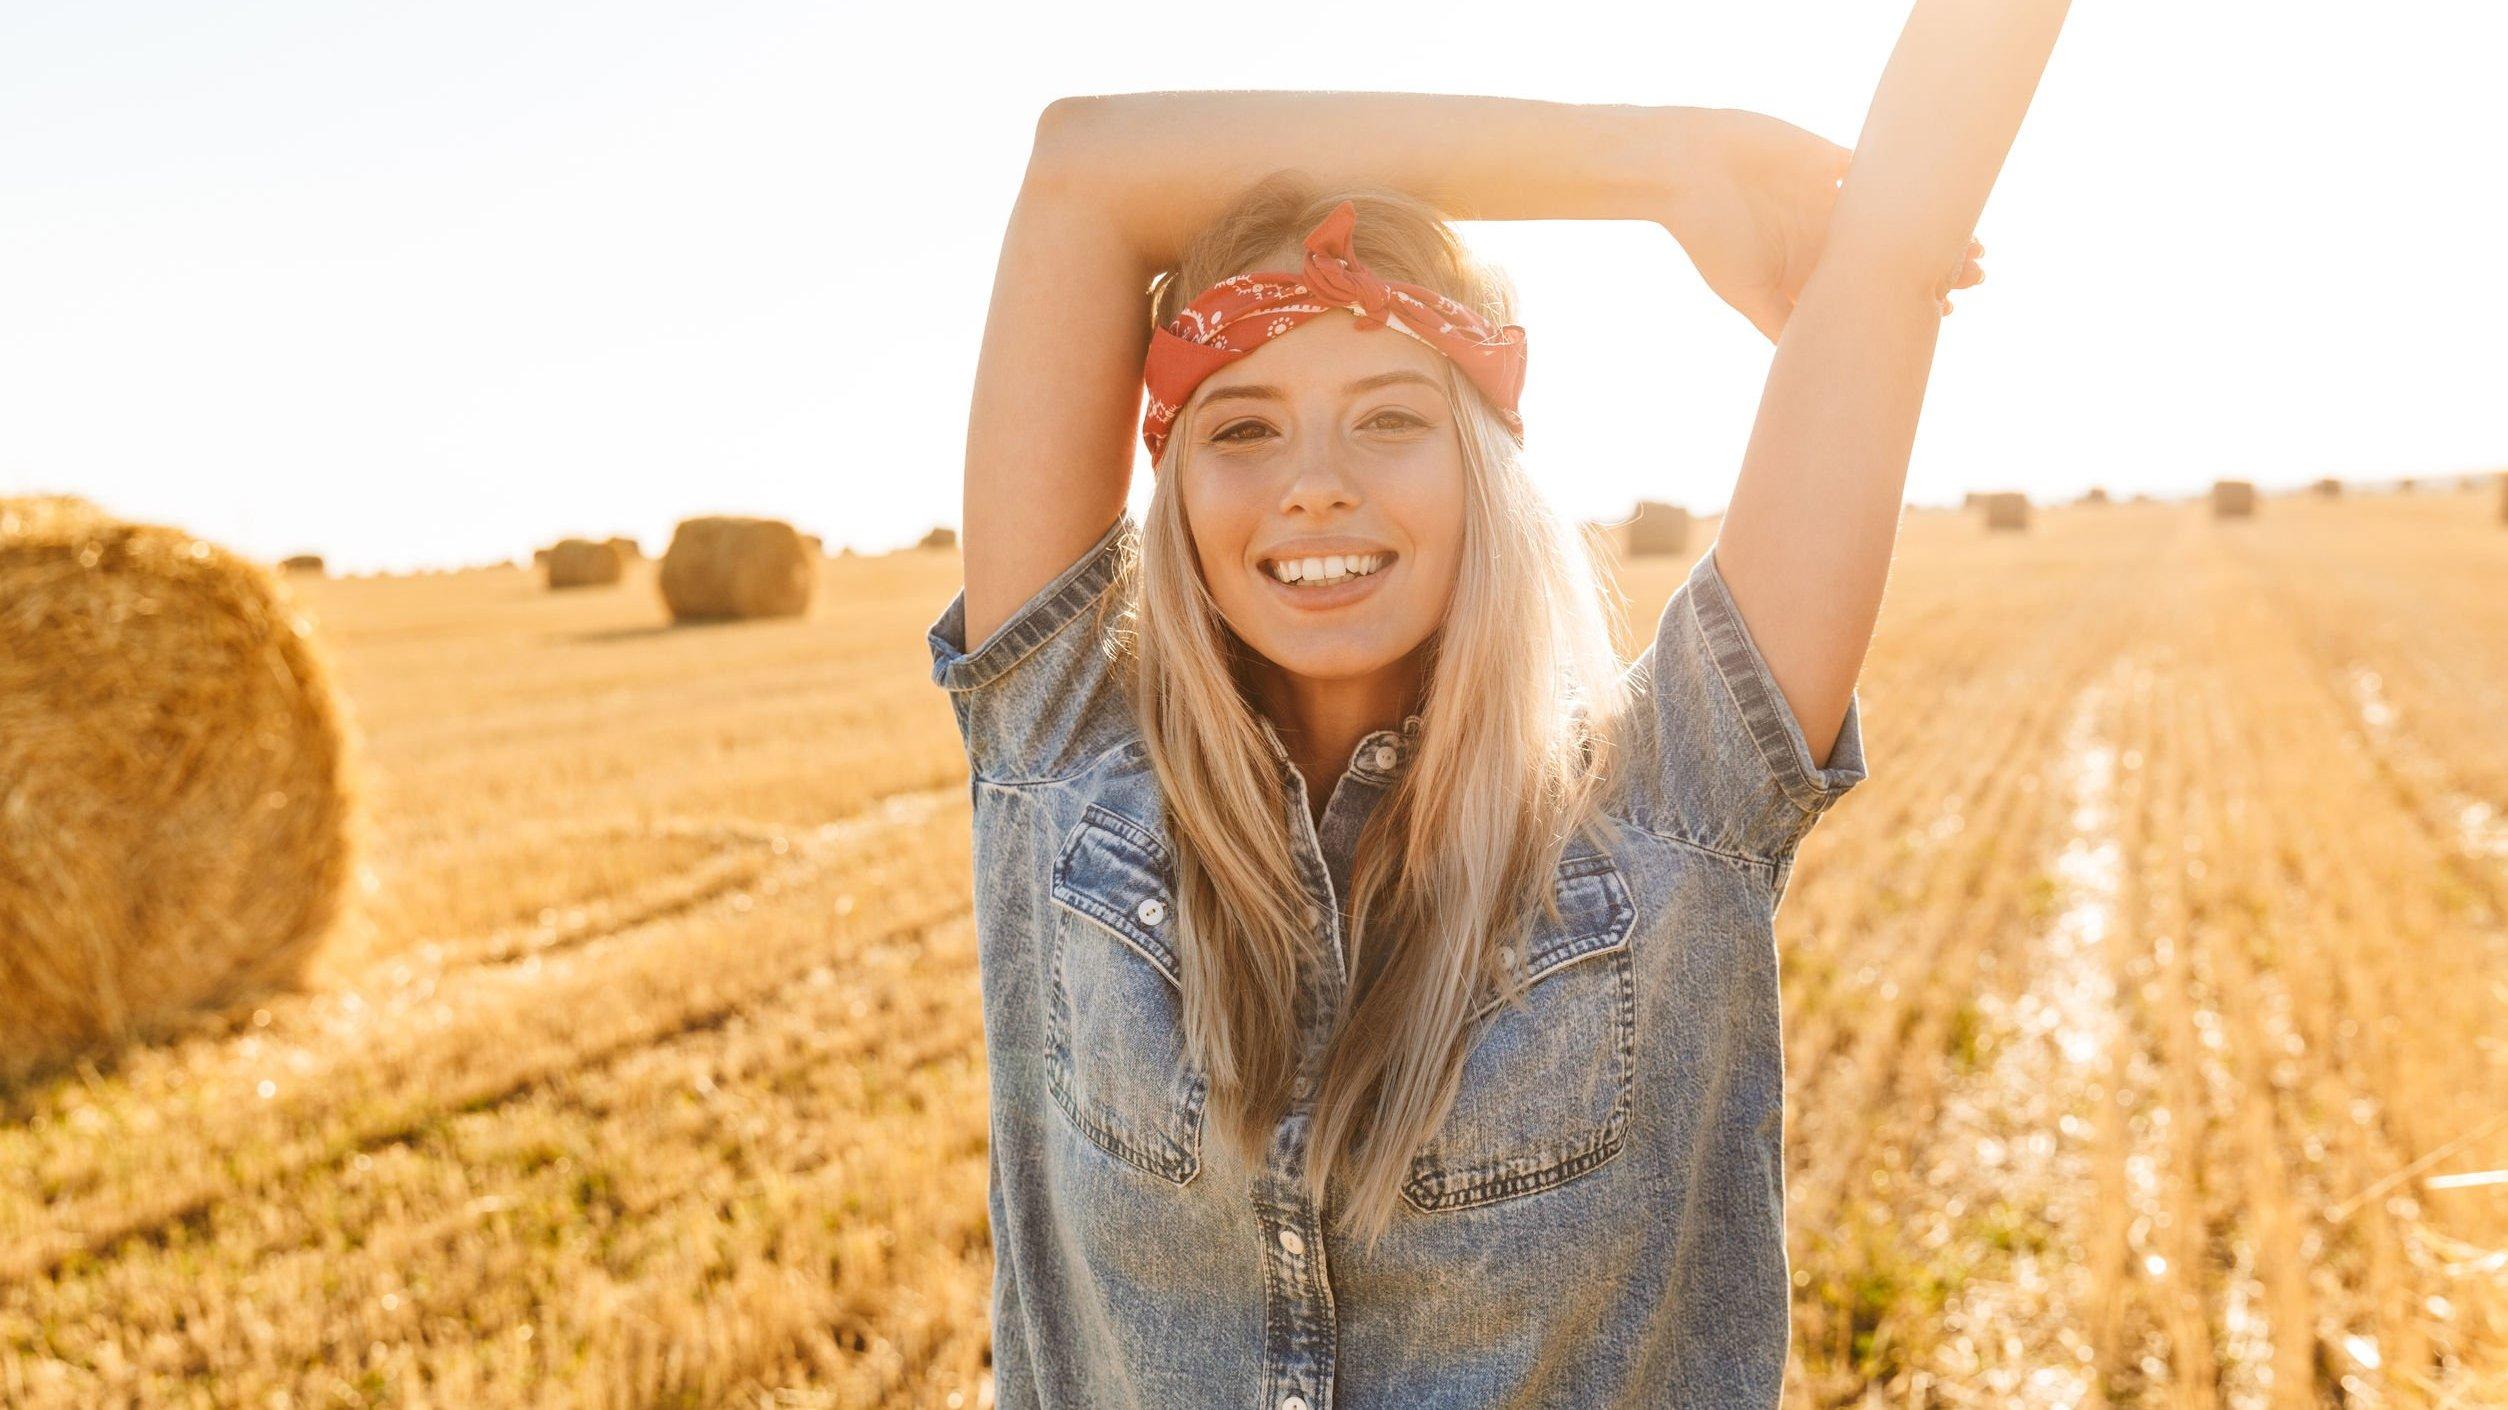 Mulher sorrindo com seus braços levantados em um campo de feno